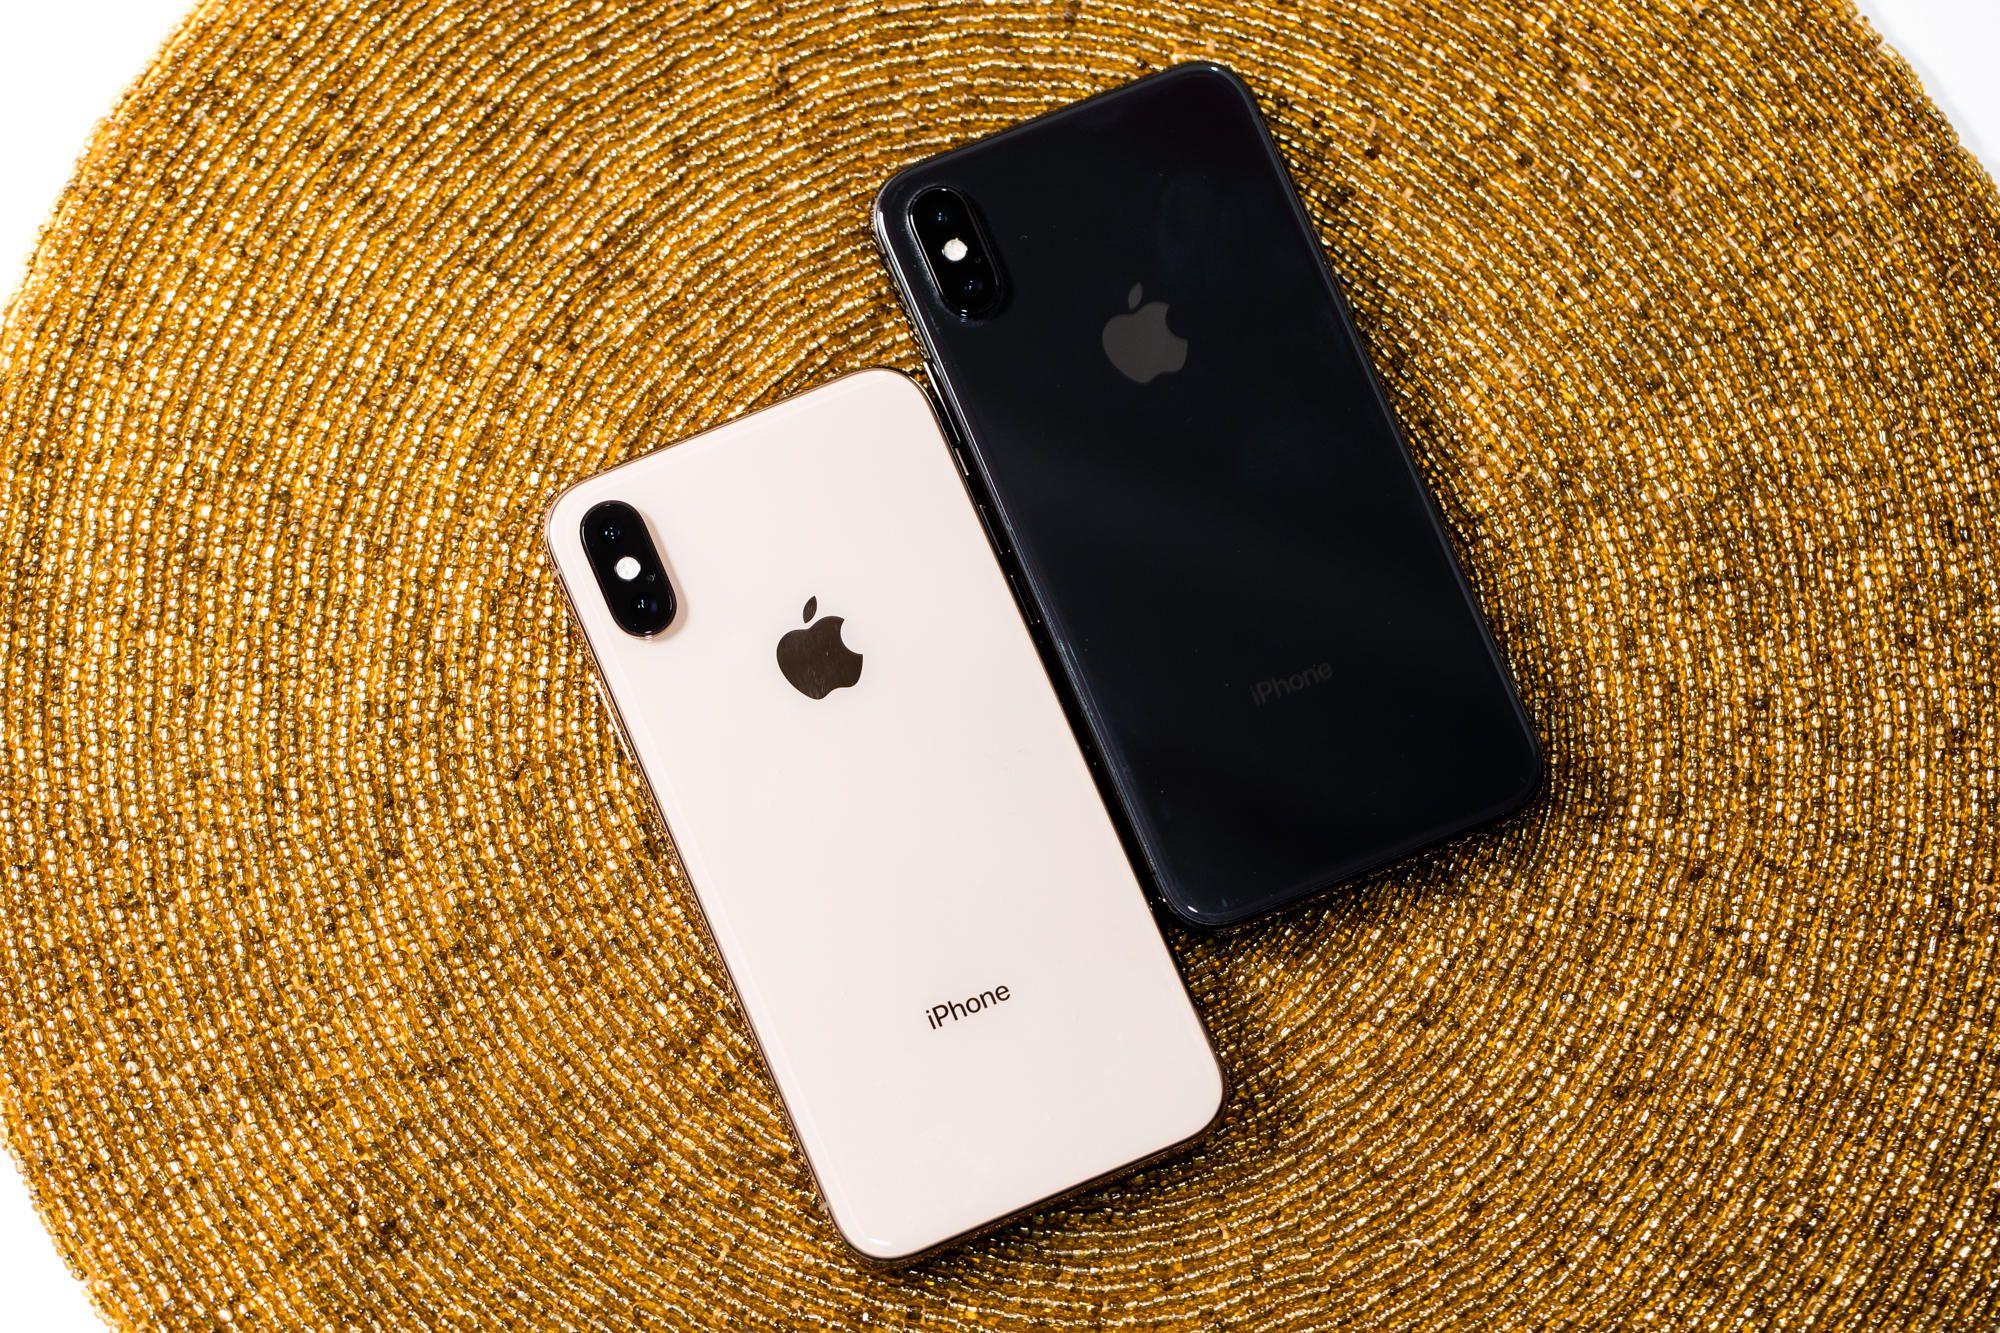 手机电池进步太慢,  iPhoneXS续航还比不上 iPhoneX